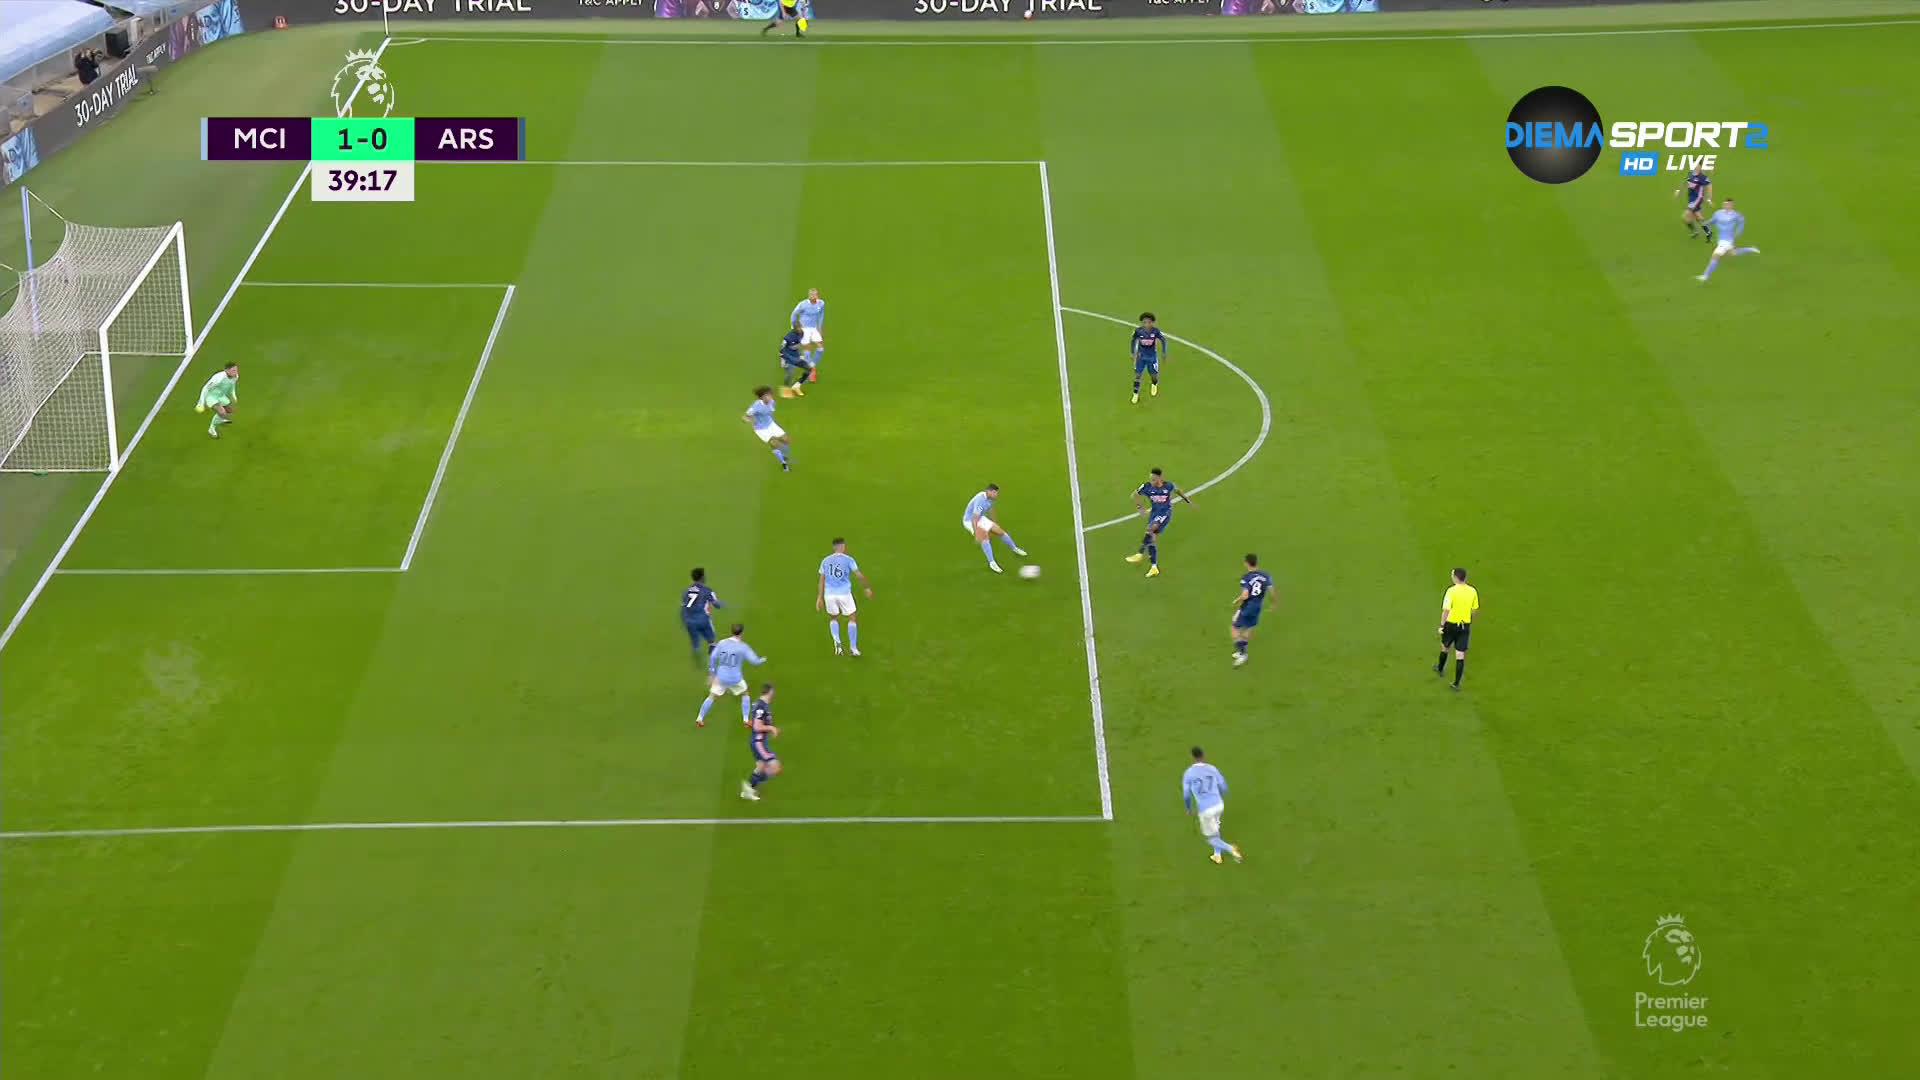 Манчестър Сити - Арсенал 1:0 /първо полувреме/